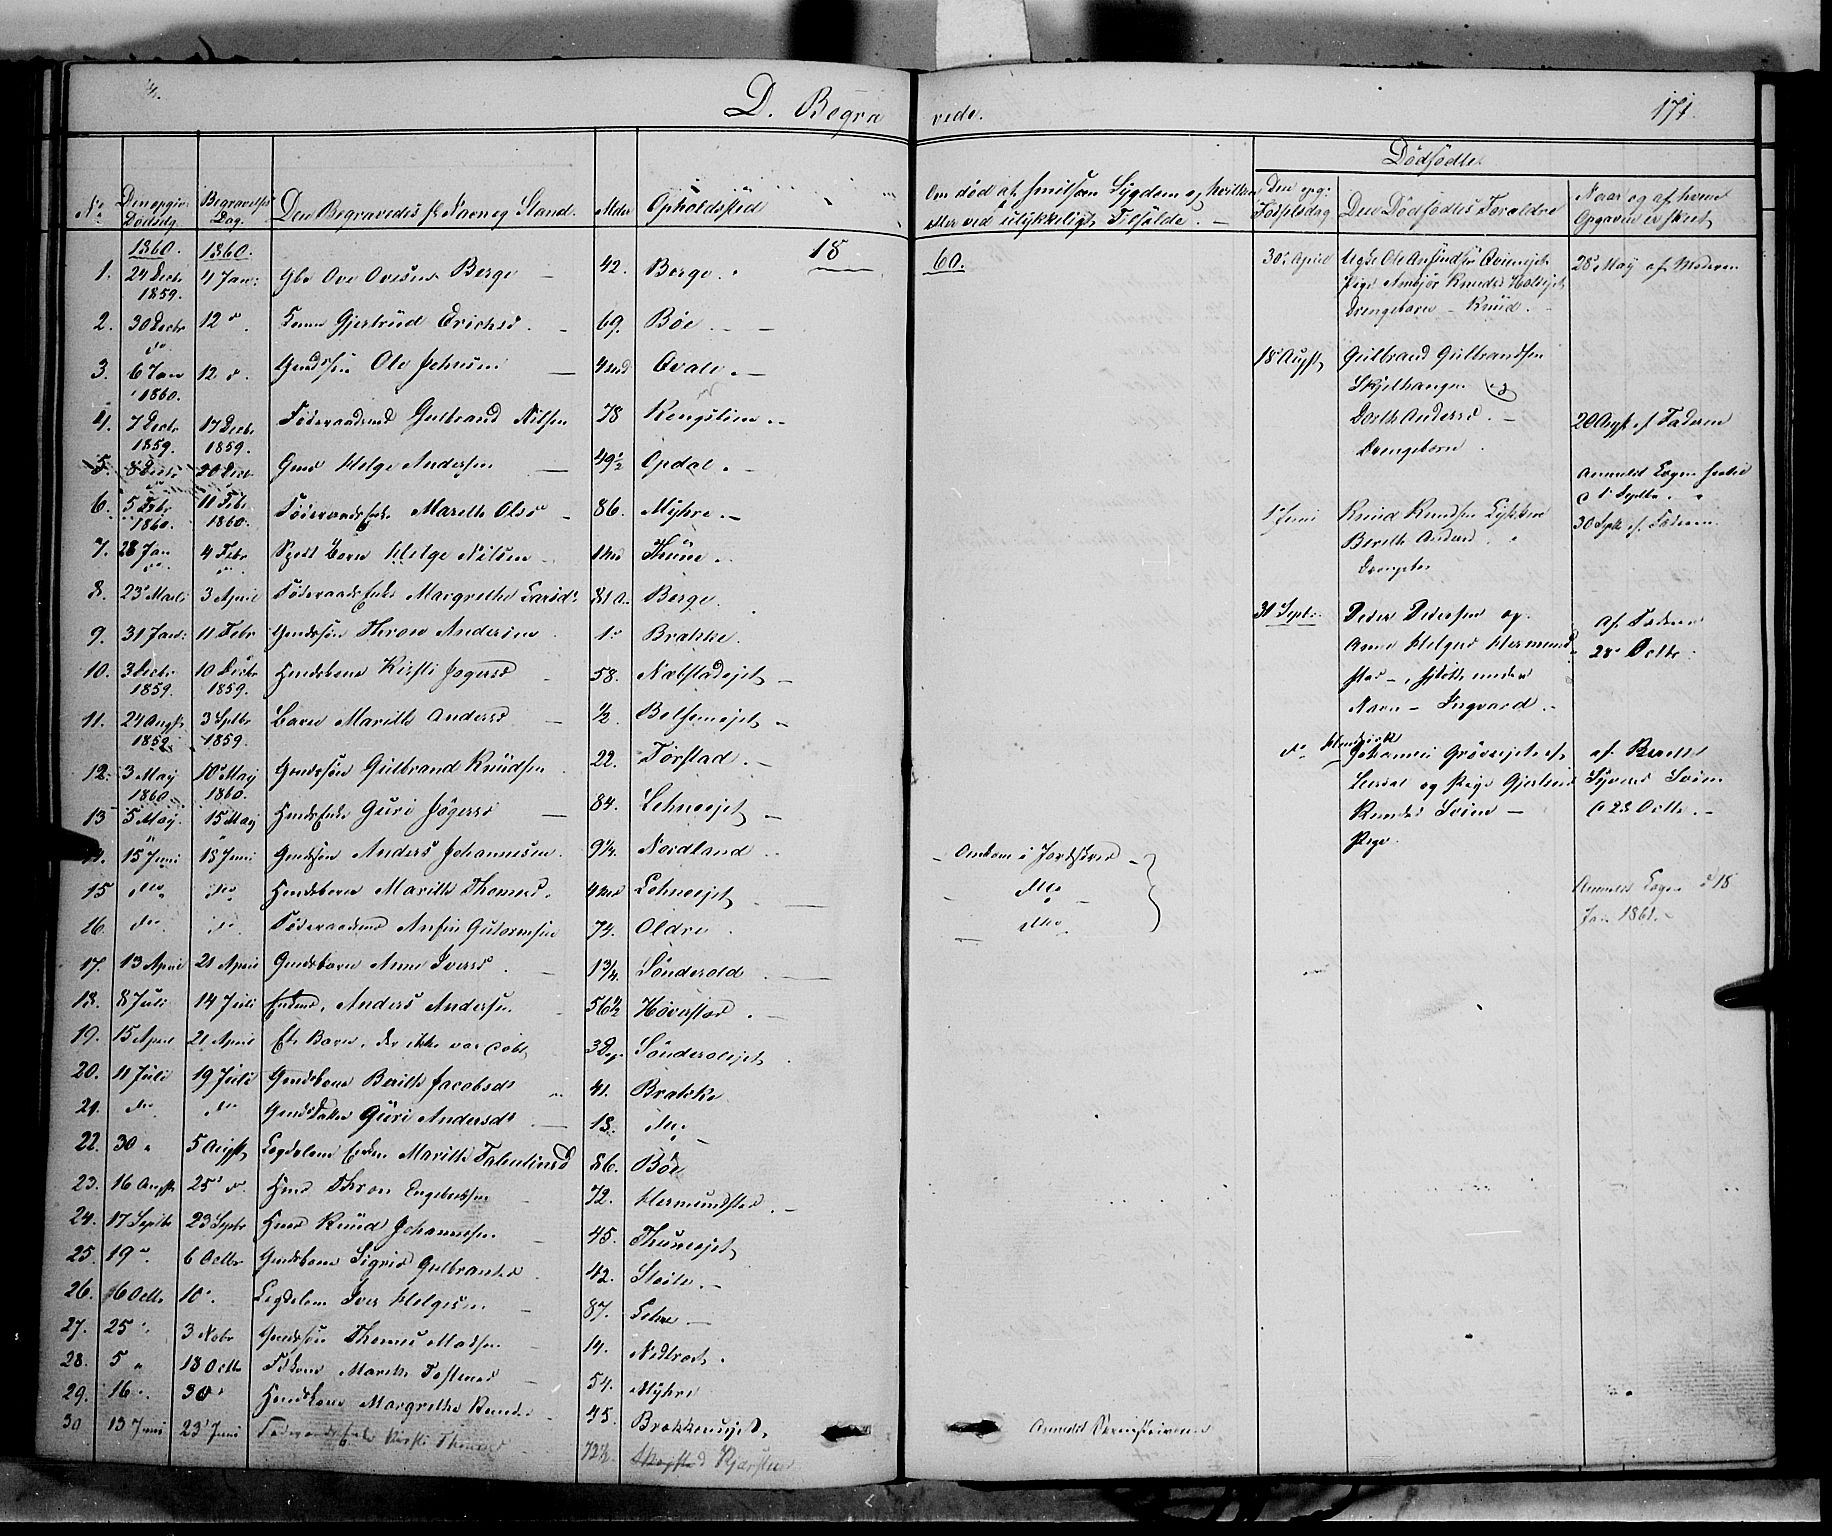 SAH, Vang prestekontor, Valdres, Ministerialbok nr. 6, 1846-1864, s. 171